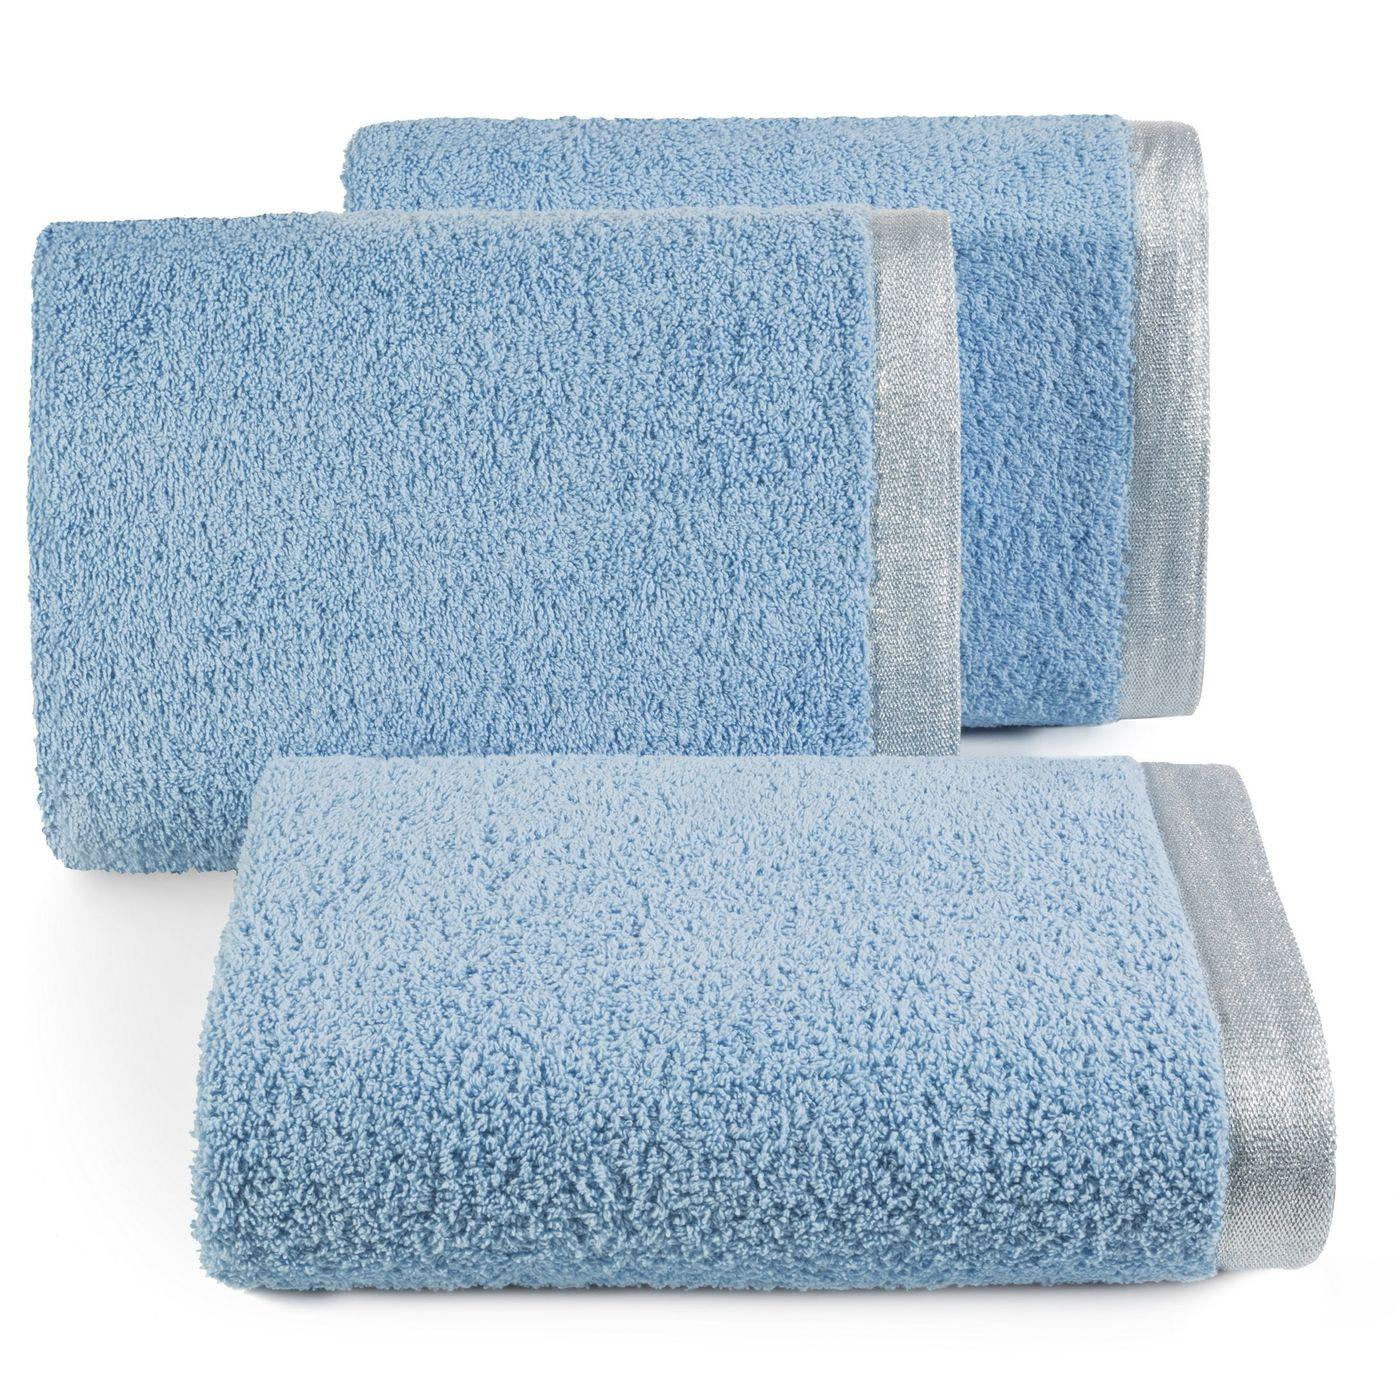 Ręcznik z bawełny z błyszczącym brzegiem 50x90cm niebieski